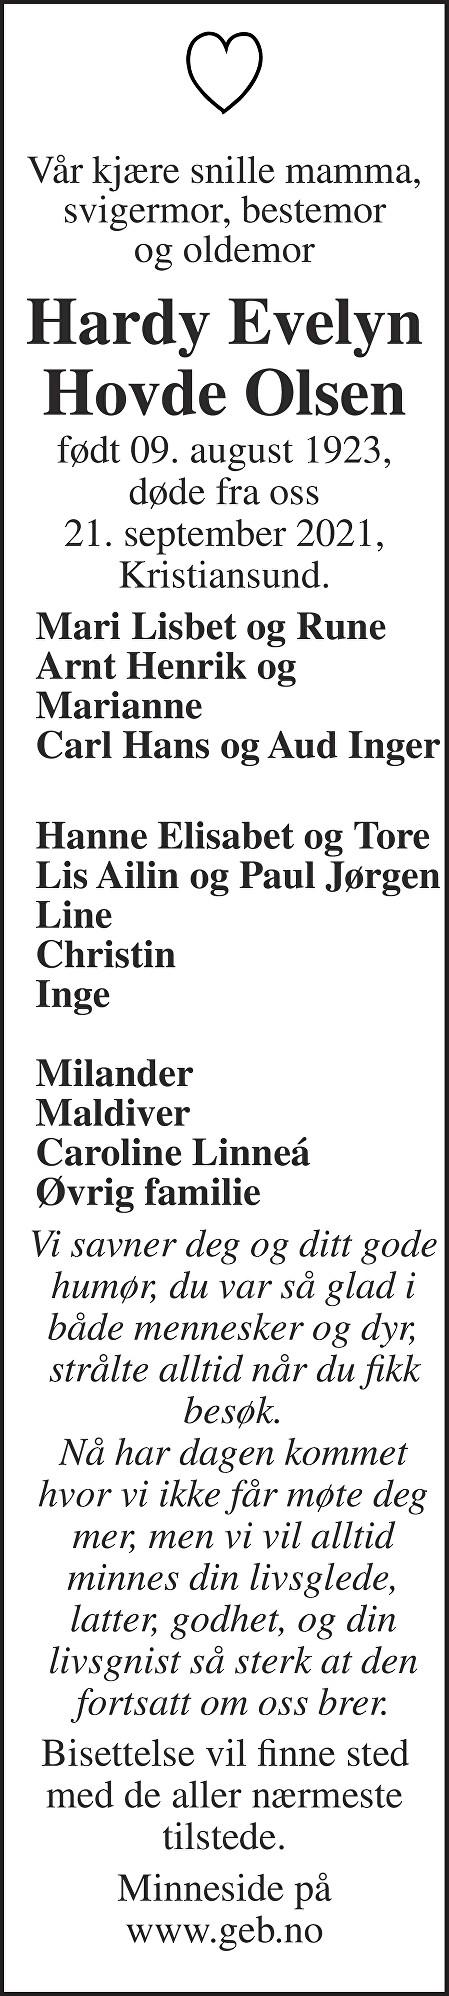 Hardy Evelyn Hovde Olsen Dødsannonse